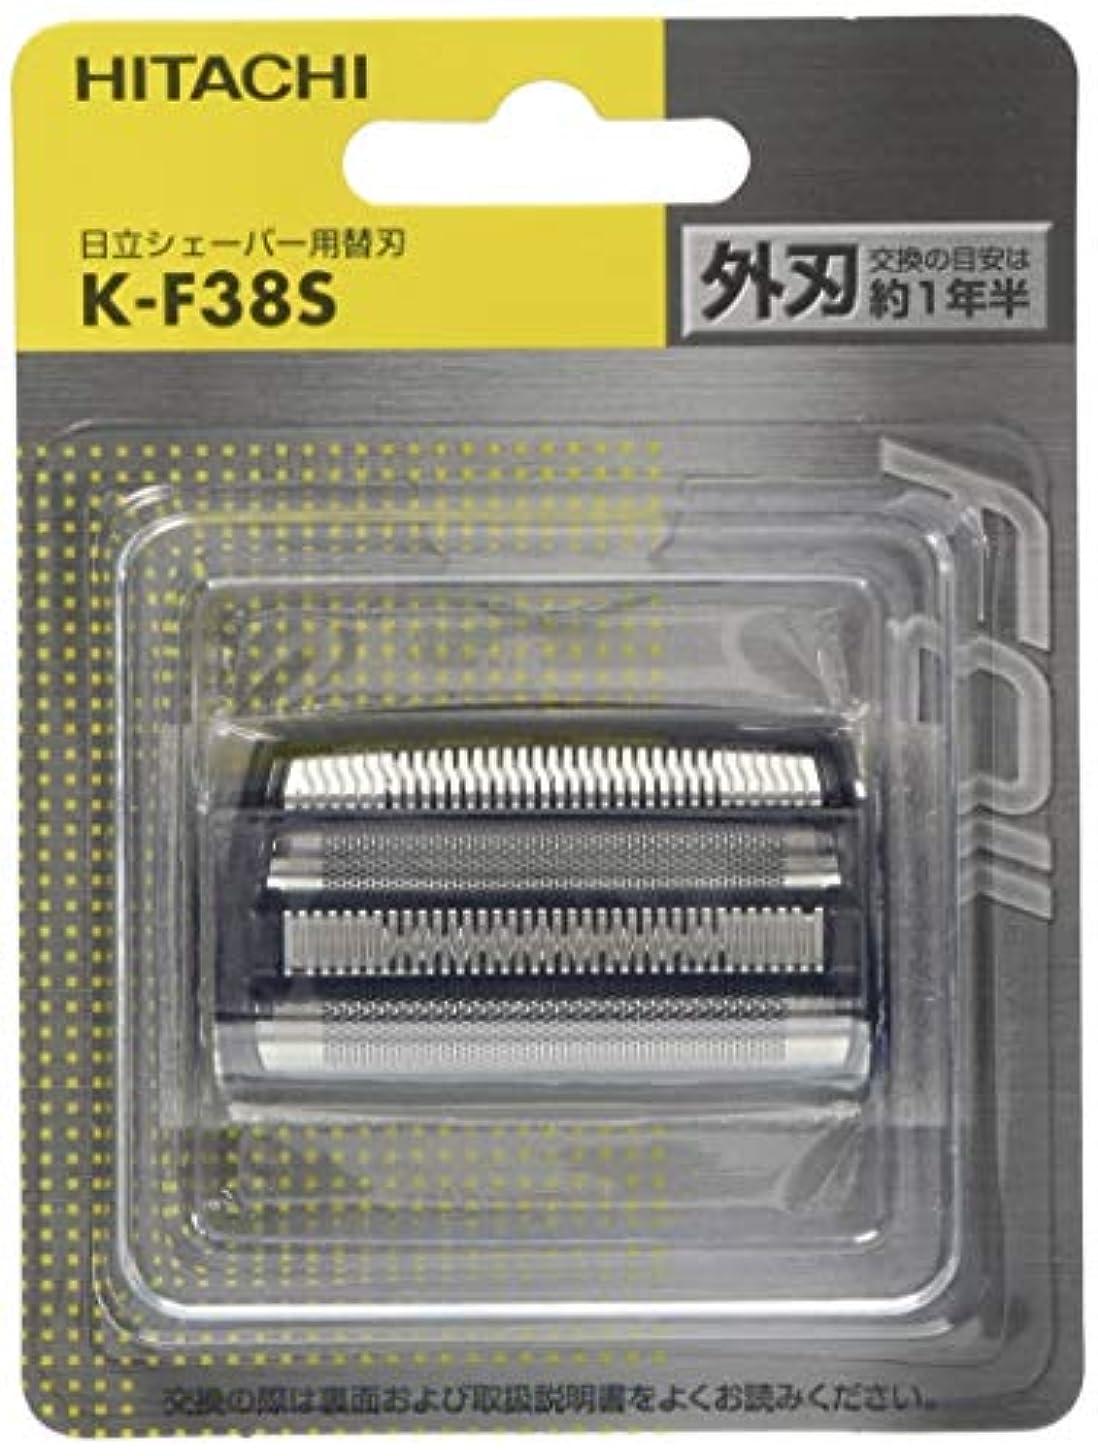 カスタムがんばり続ける施設日立 メンズシェーバー用替刃(外刃) K-F38S